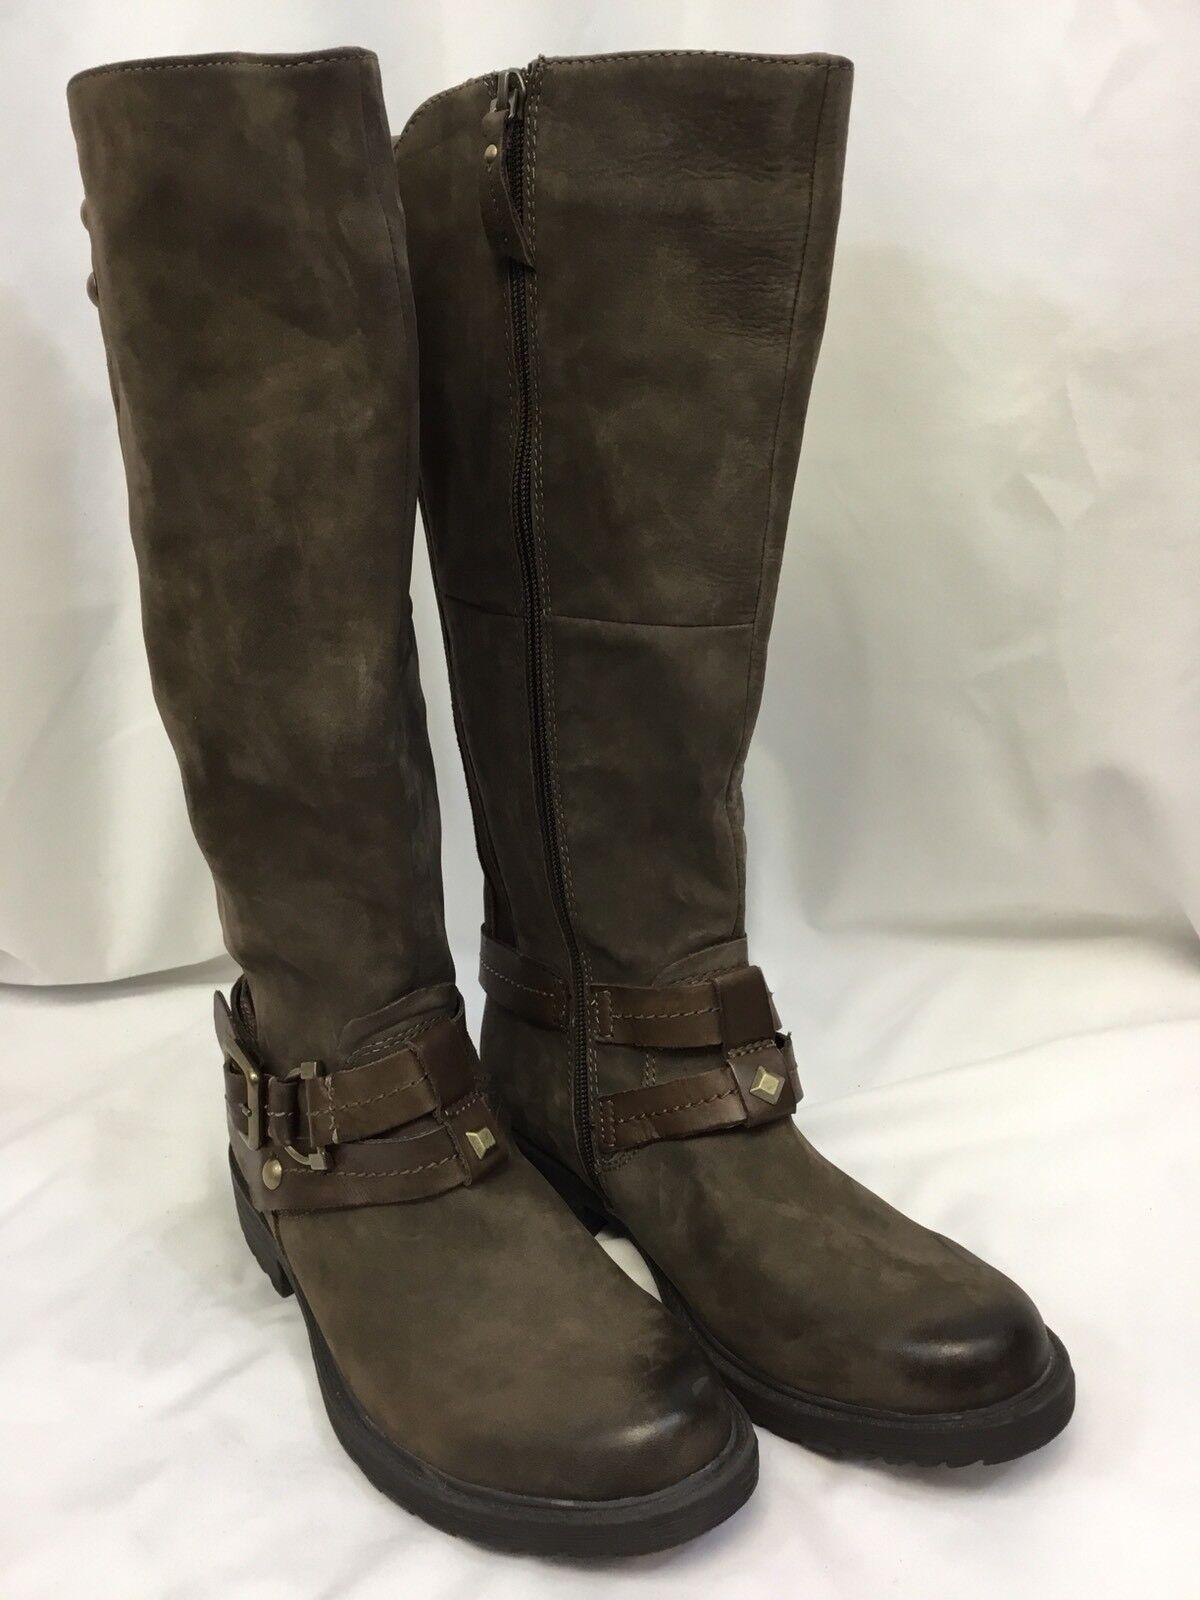 Earth Women's Sierra Tall Boots Brown SIZE 7.5B NWOB NWOB NWOB 3e33aa